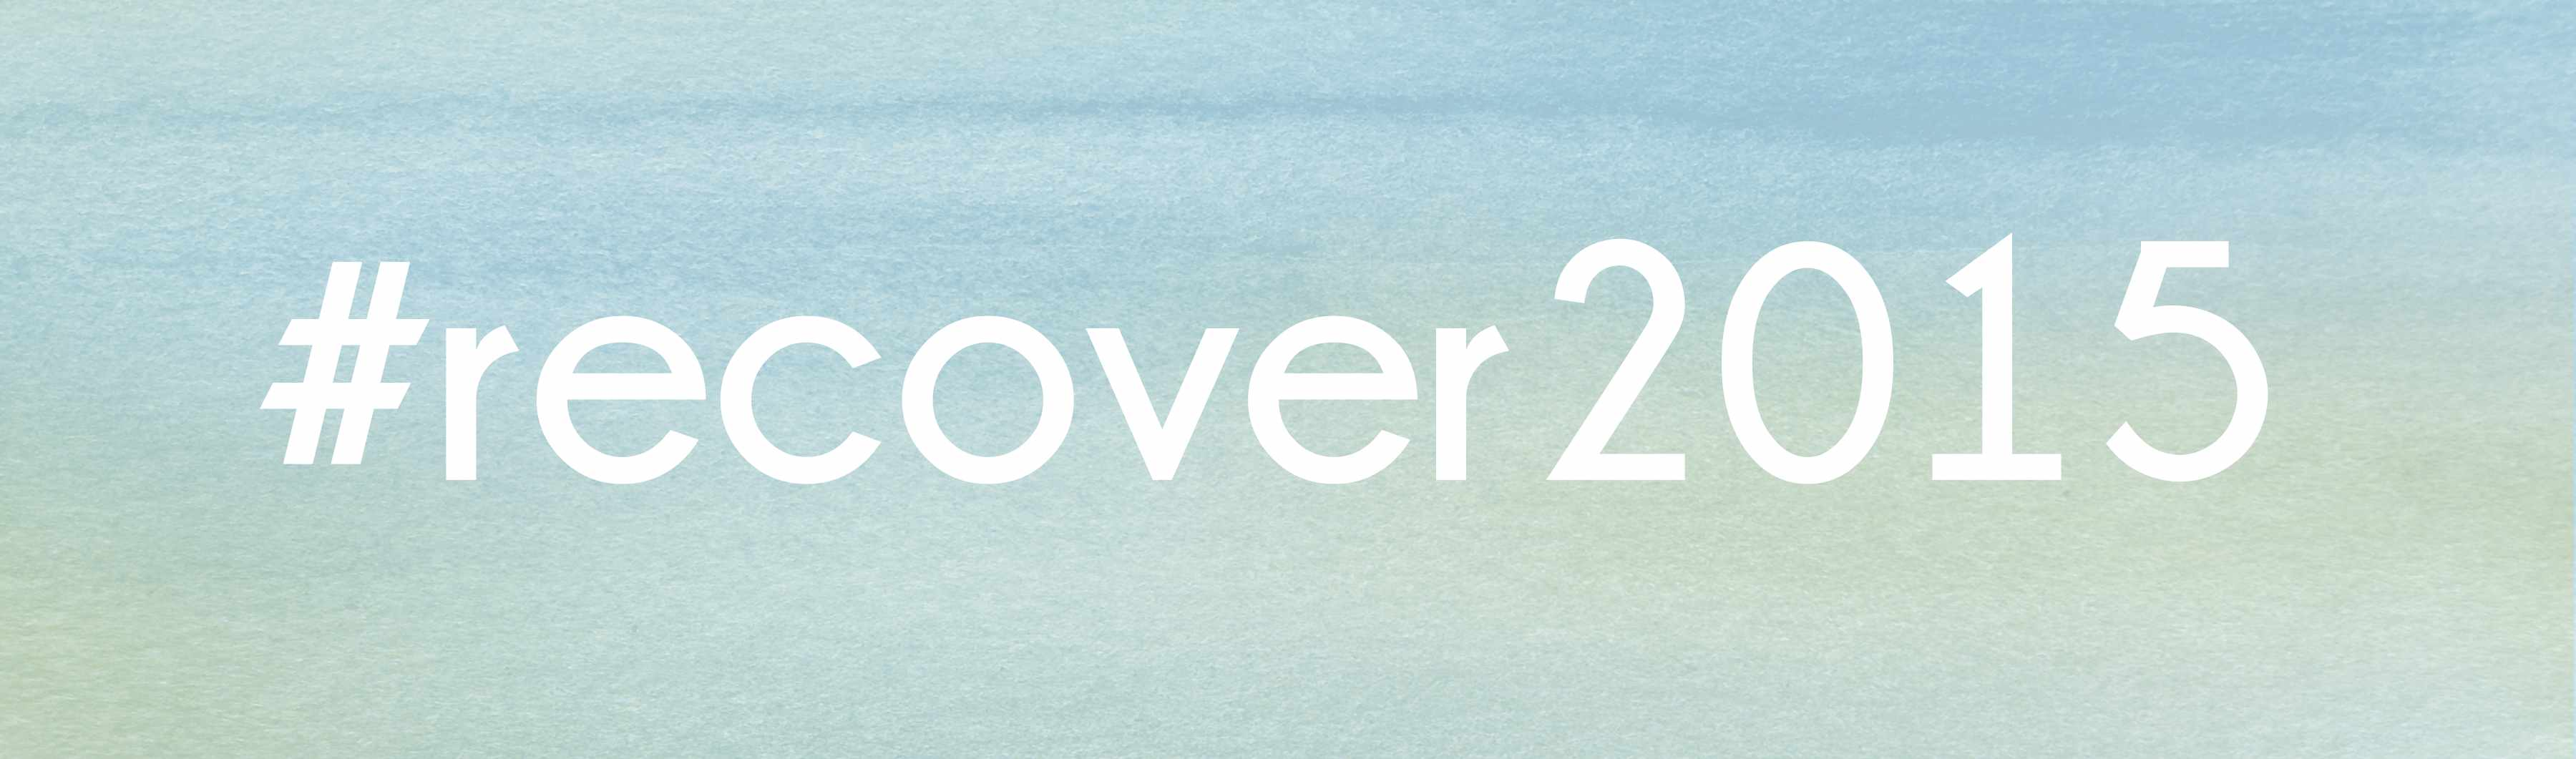 #recover2015 - Leben mit einer chronischen Erkrankung